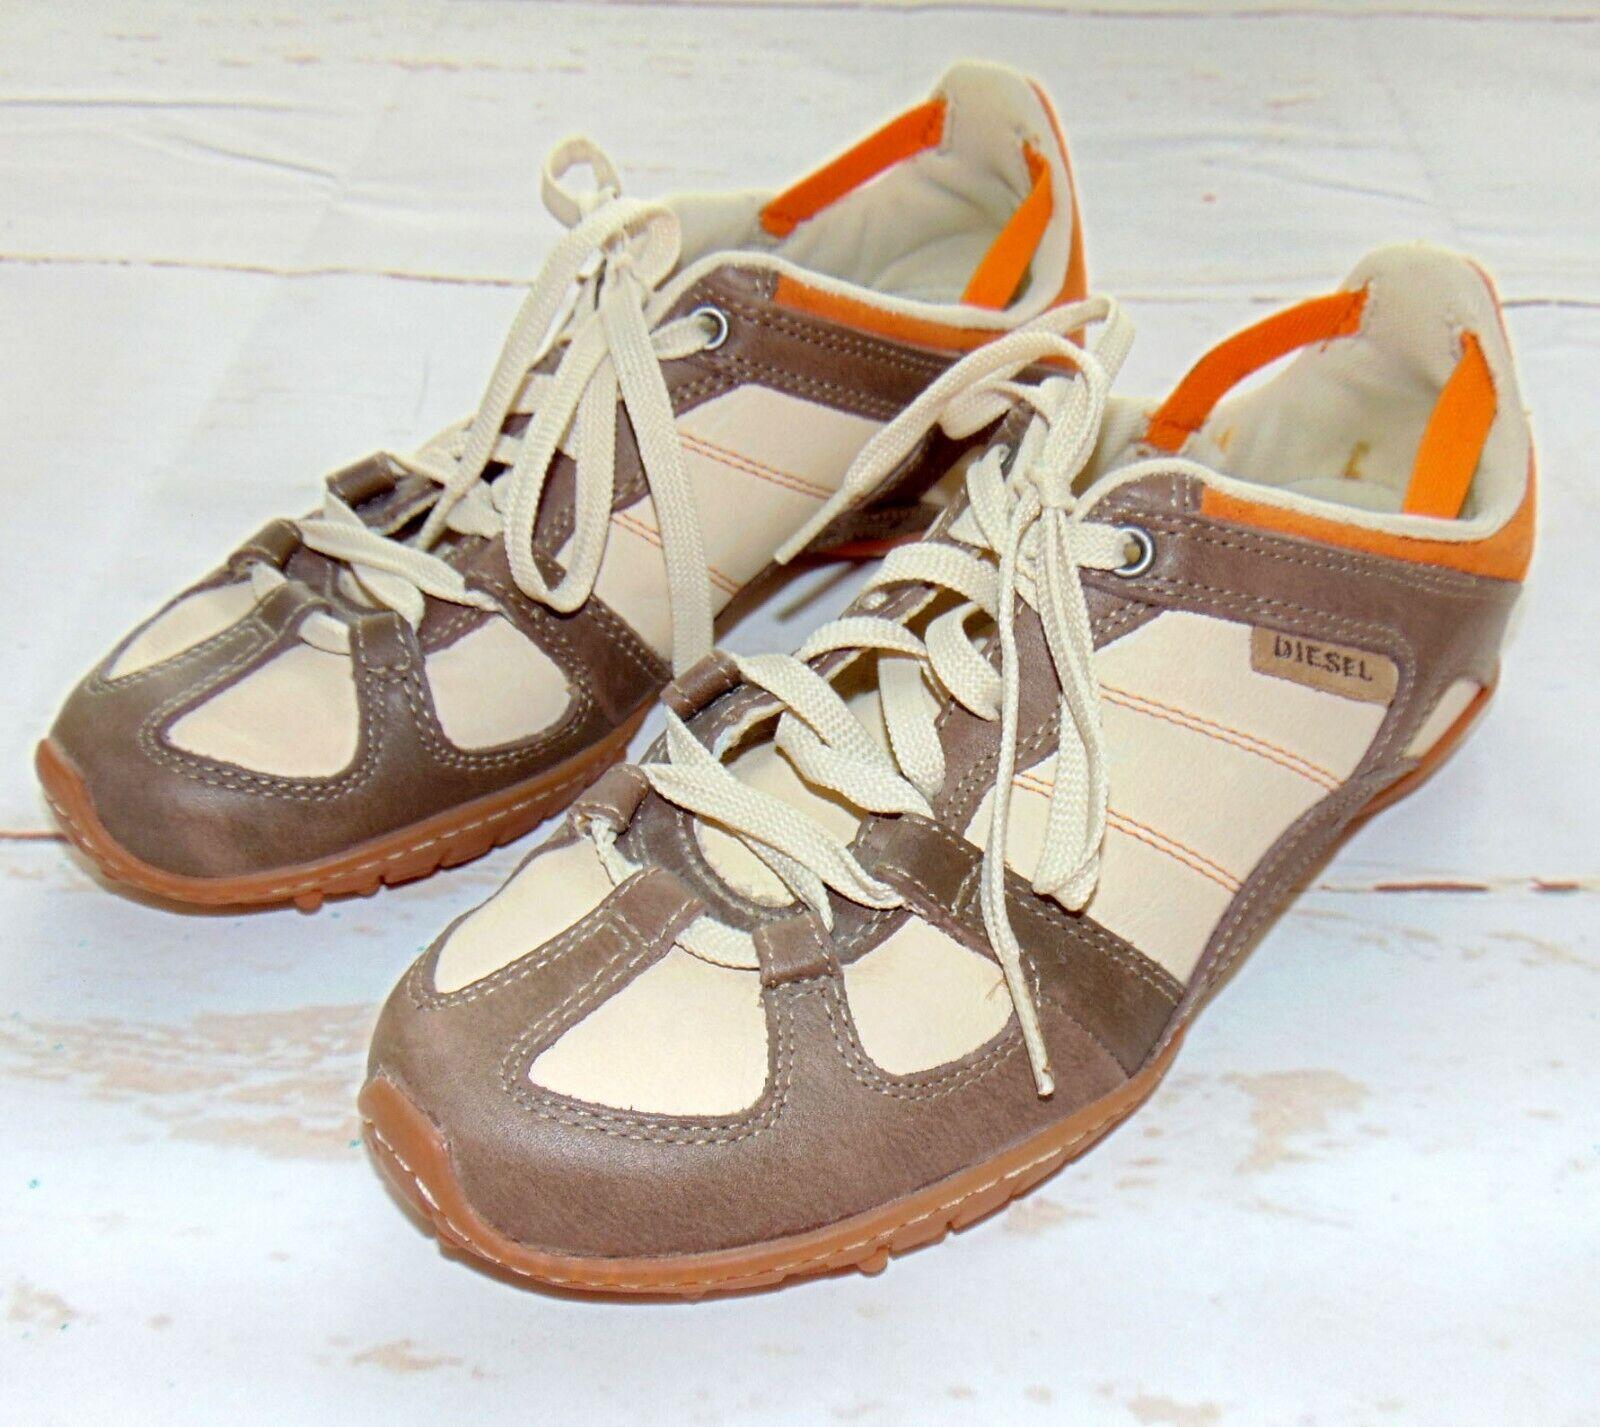 Women's Diesel Whitney en Daim Cuir Lacets Baskets Chaussures Taille 8 excellent état utilisé